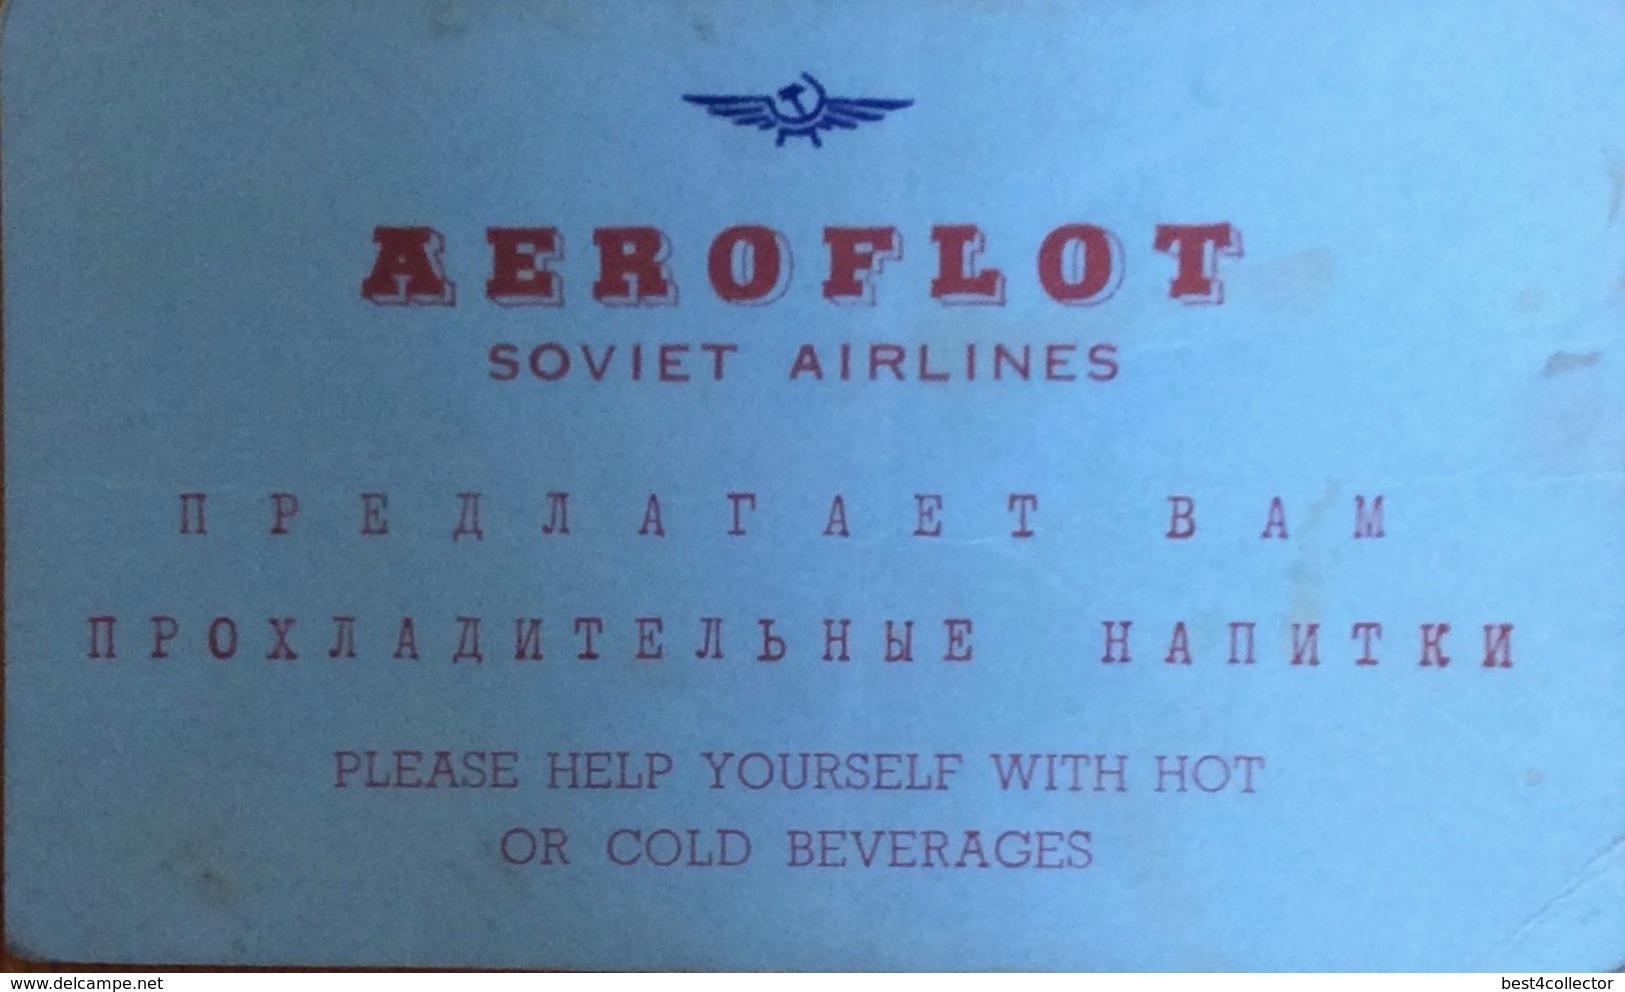 Aeroflot Soviet Airlines - Transportation Tickets